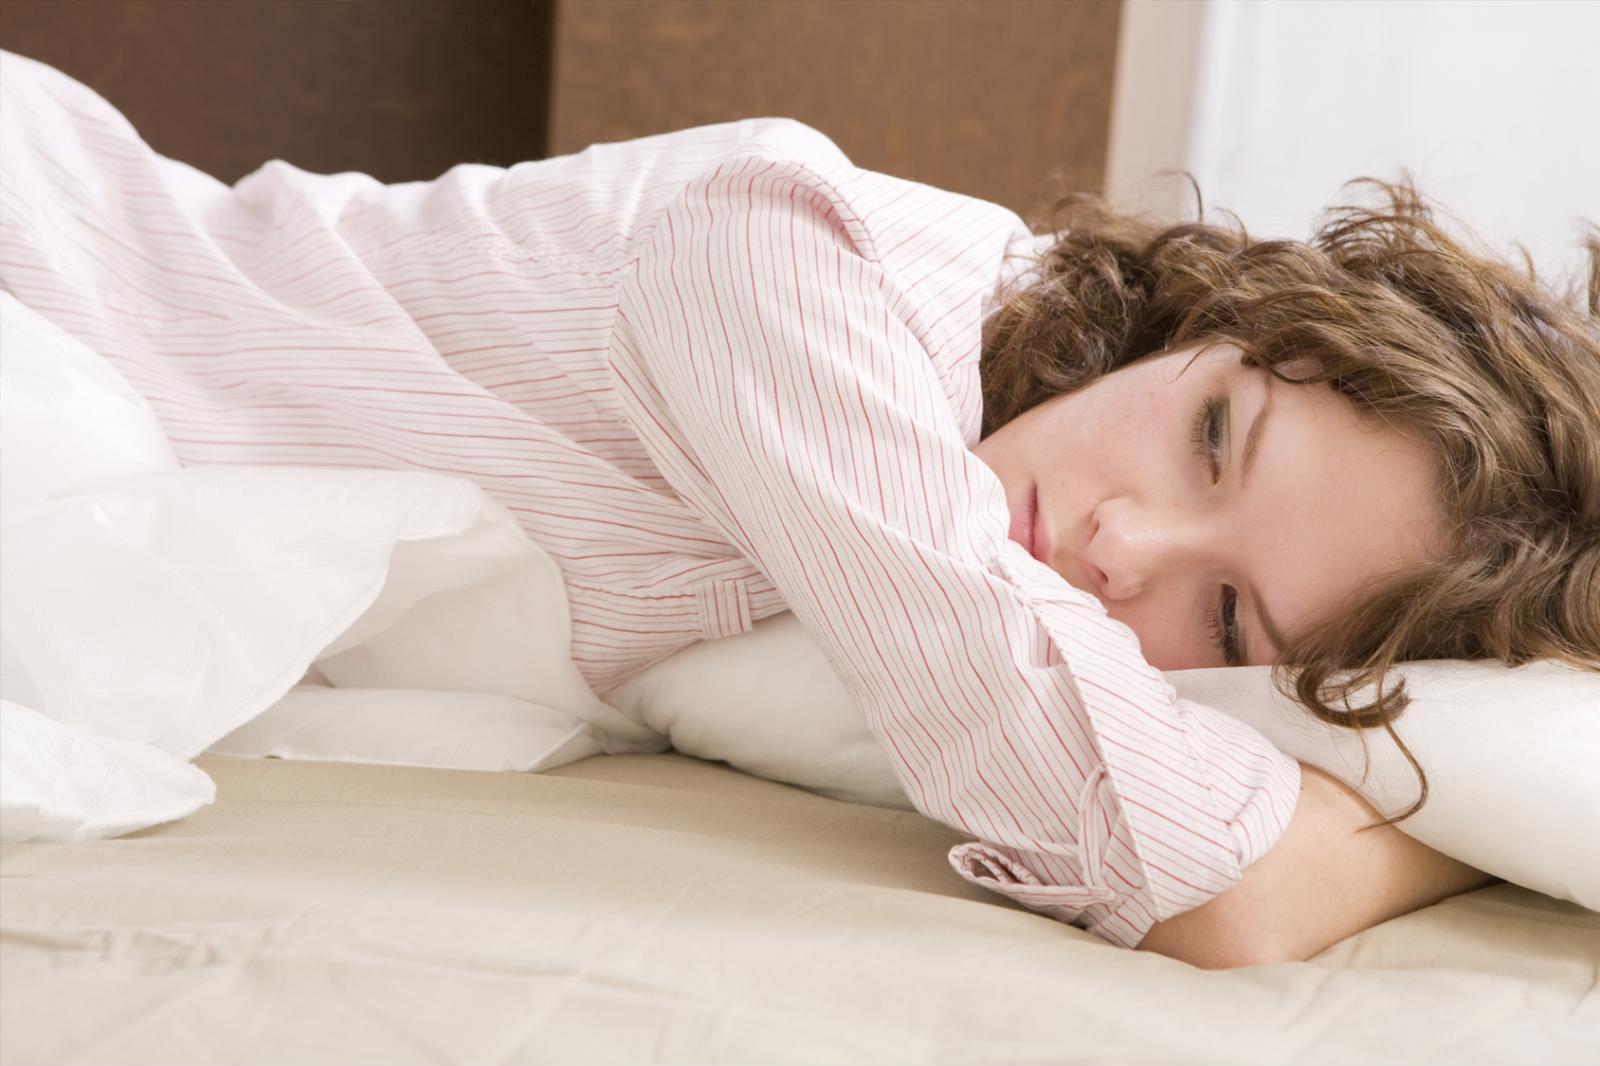 Dành cho những người đàn bà cảm thấy kiệt sức trong hôn nhân: Buông để nhẹ lòng hơn! - Ảnh 4